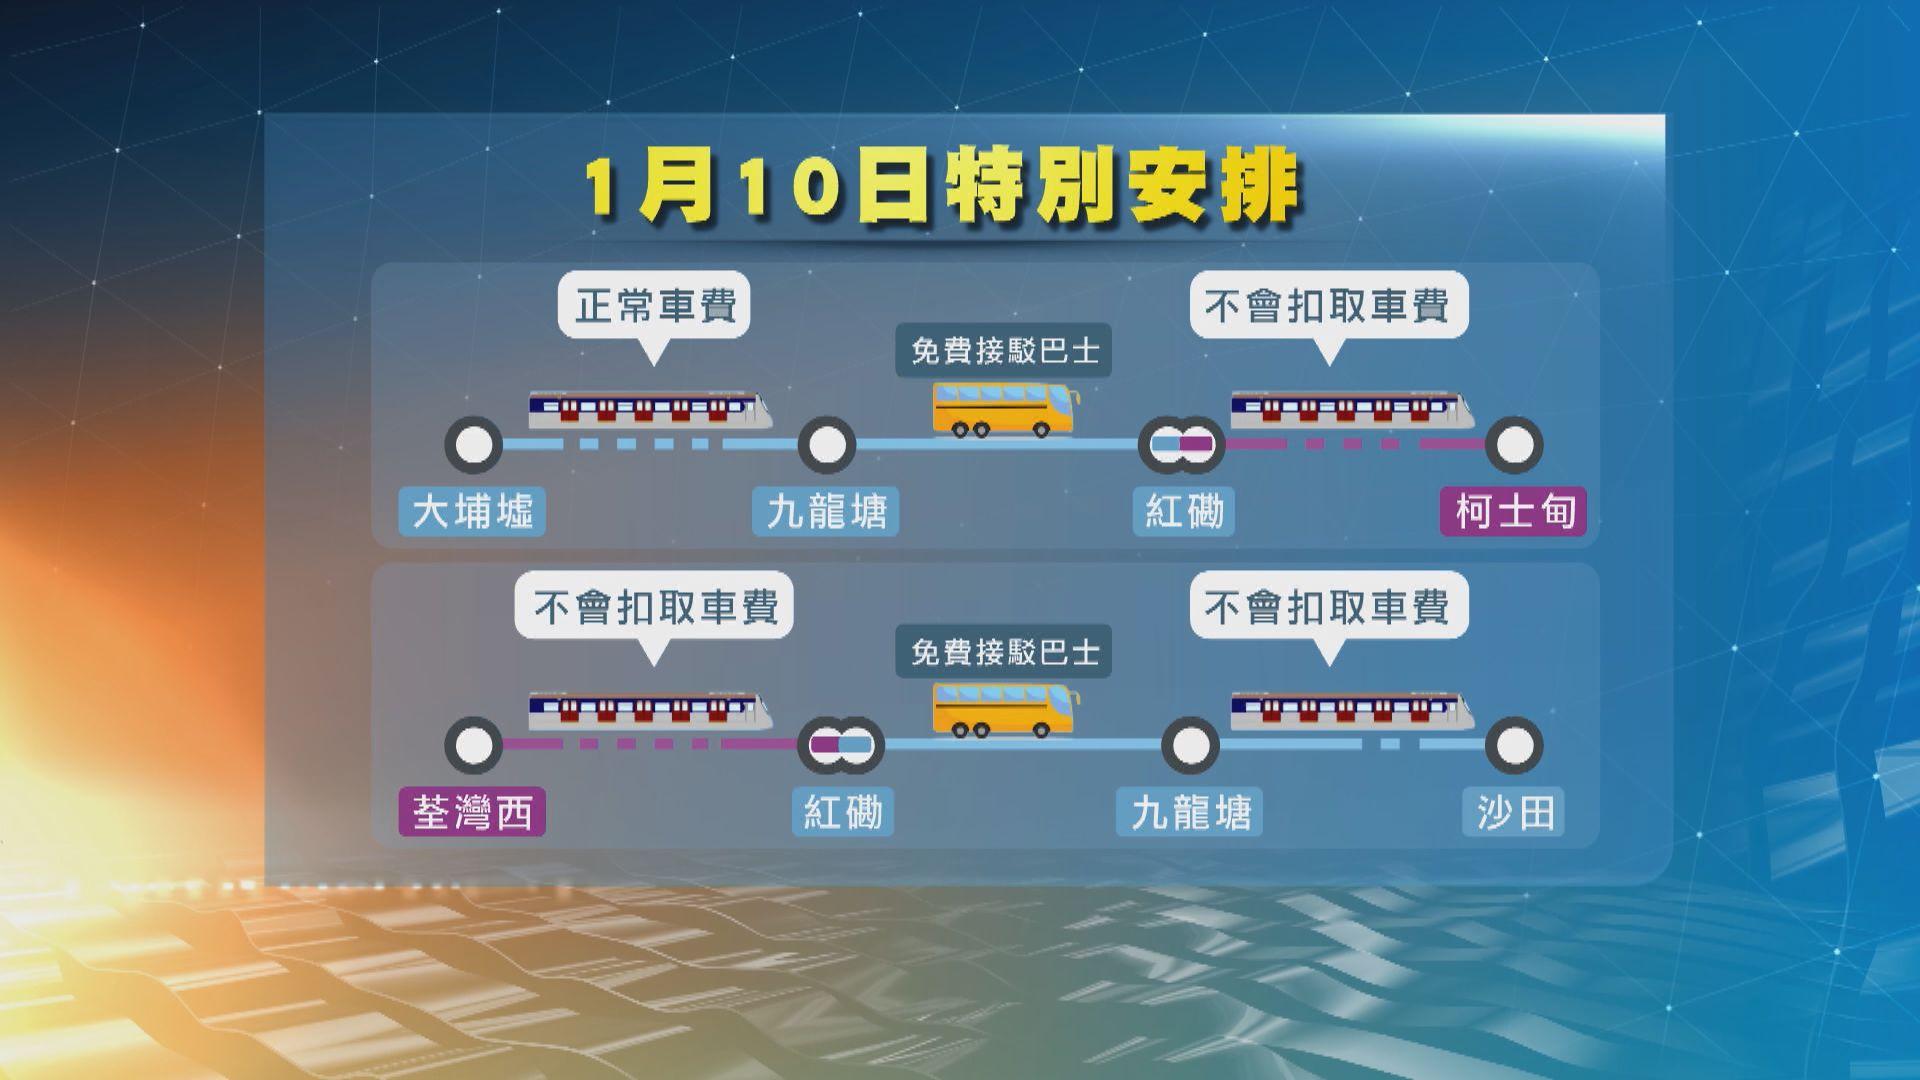 東鐵綫周日局部停駛 接駁巴士來往九龍塘站及紅磡站